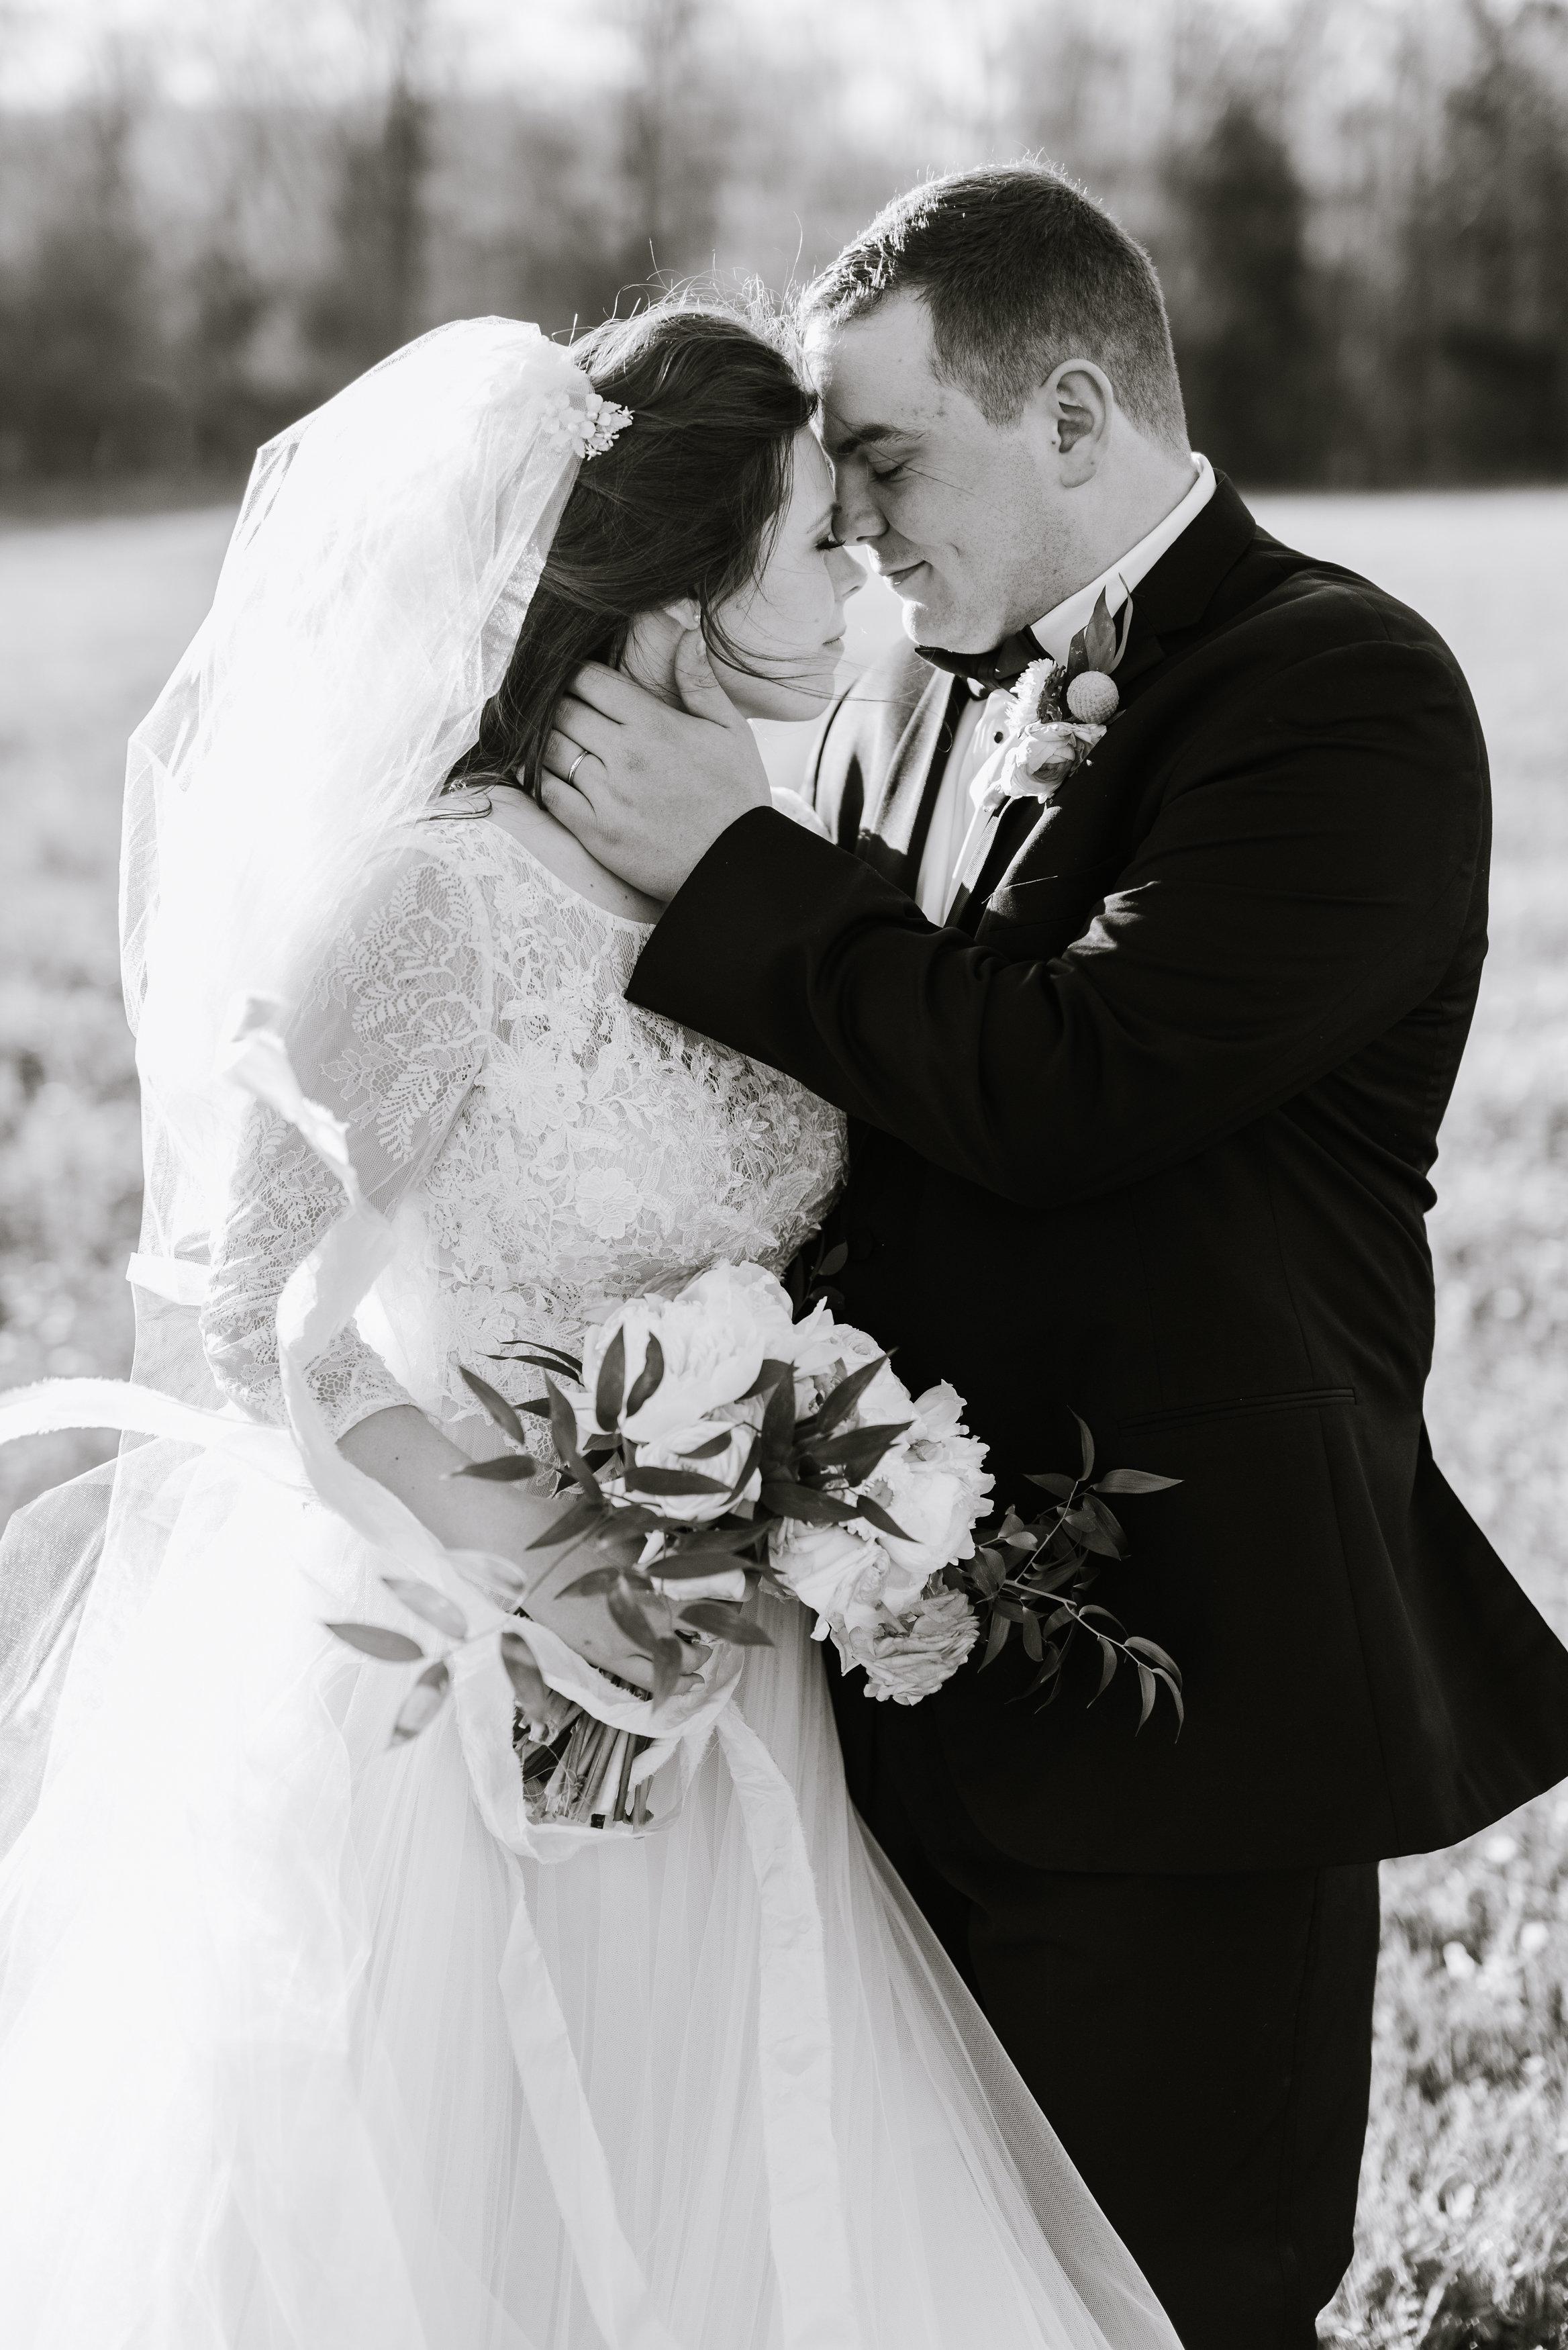 tylar-seth-wedding-774.jpg